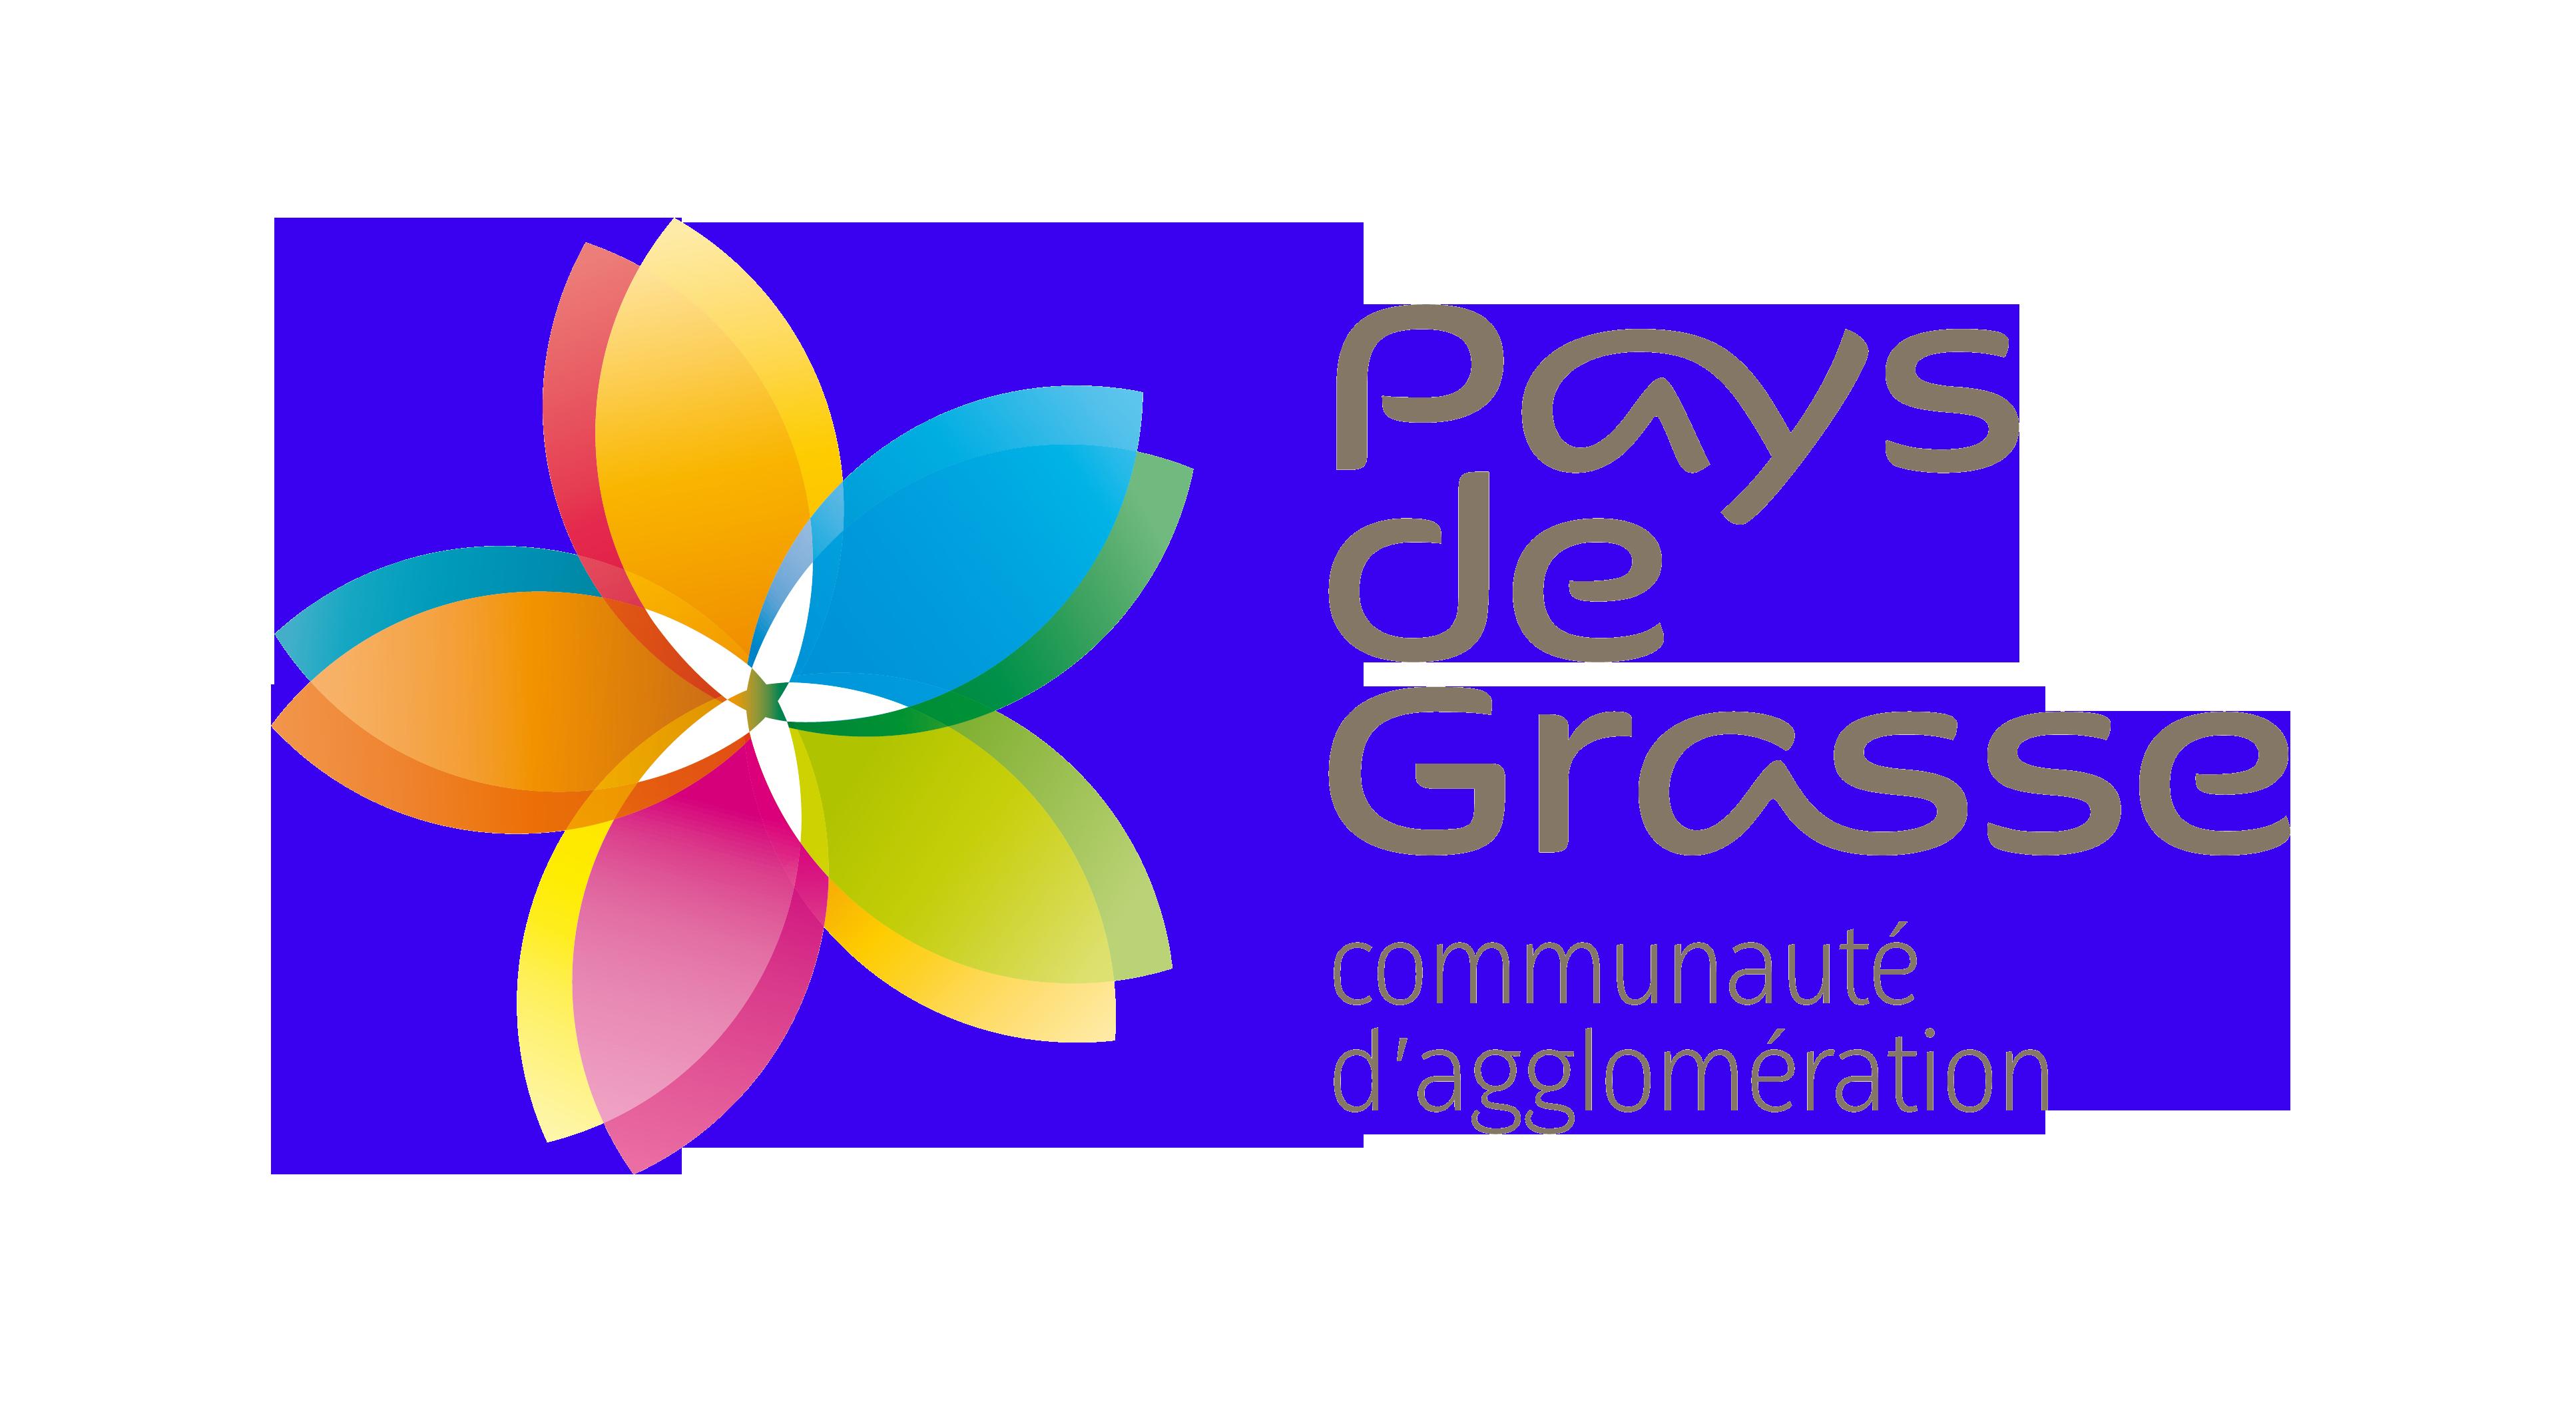 PDG_Logo pays de grasse 2014